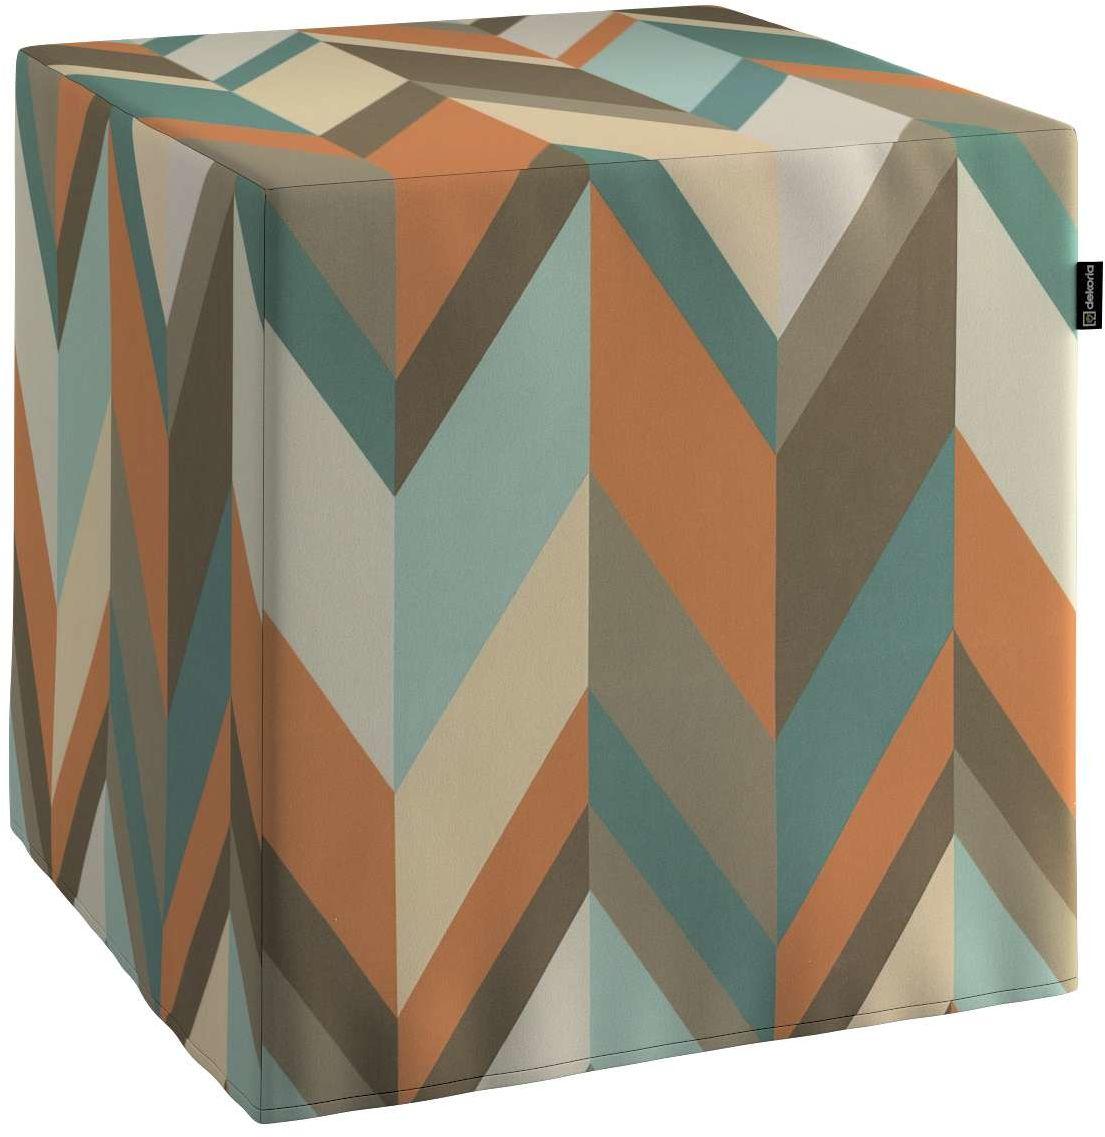 Pufa kostka, geometryczne wzory w rudo-brązowo-niebieskiej kolorystyce, 40  40  40 cm, Vintage 70''s